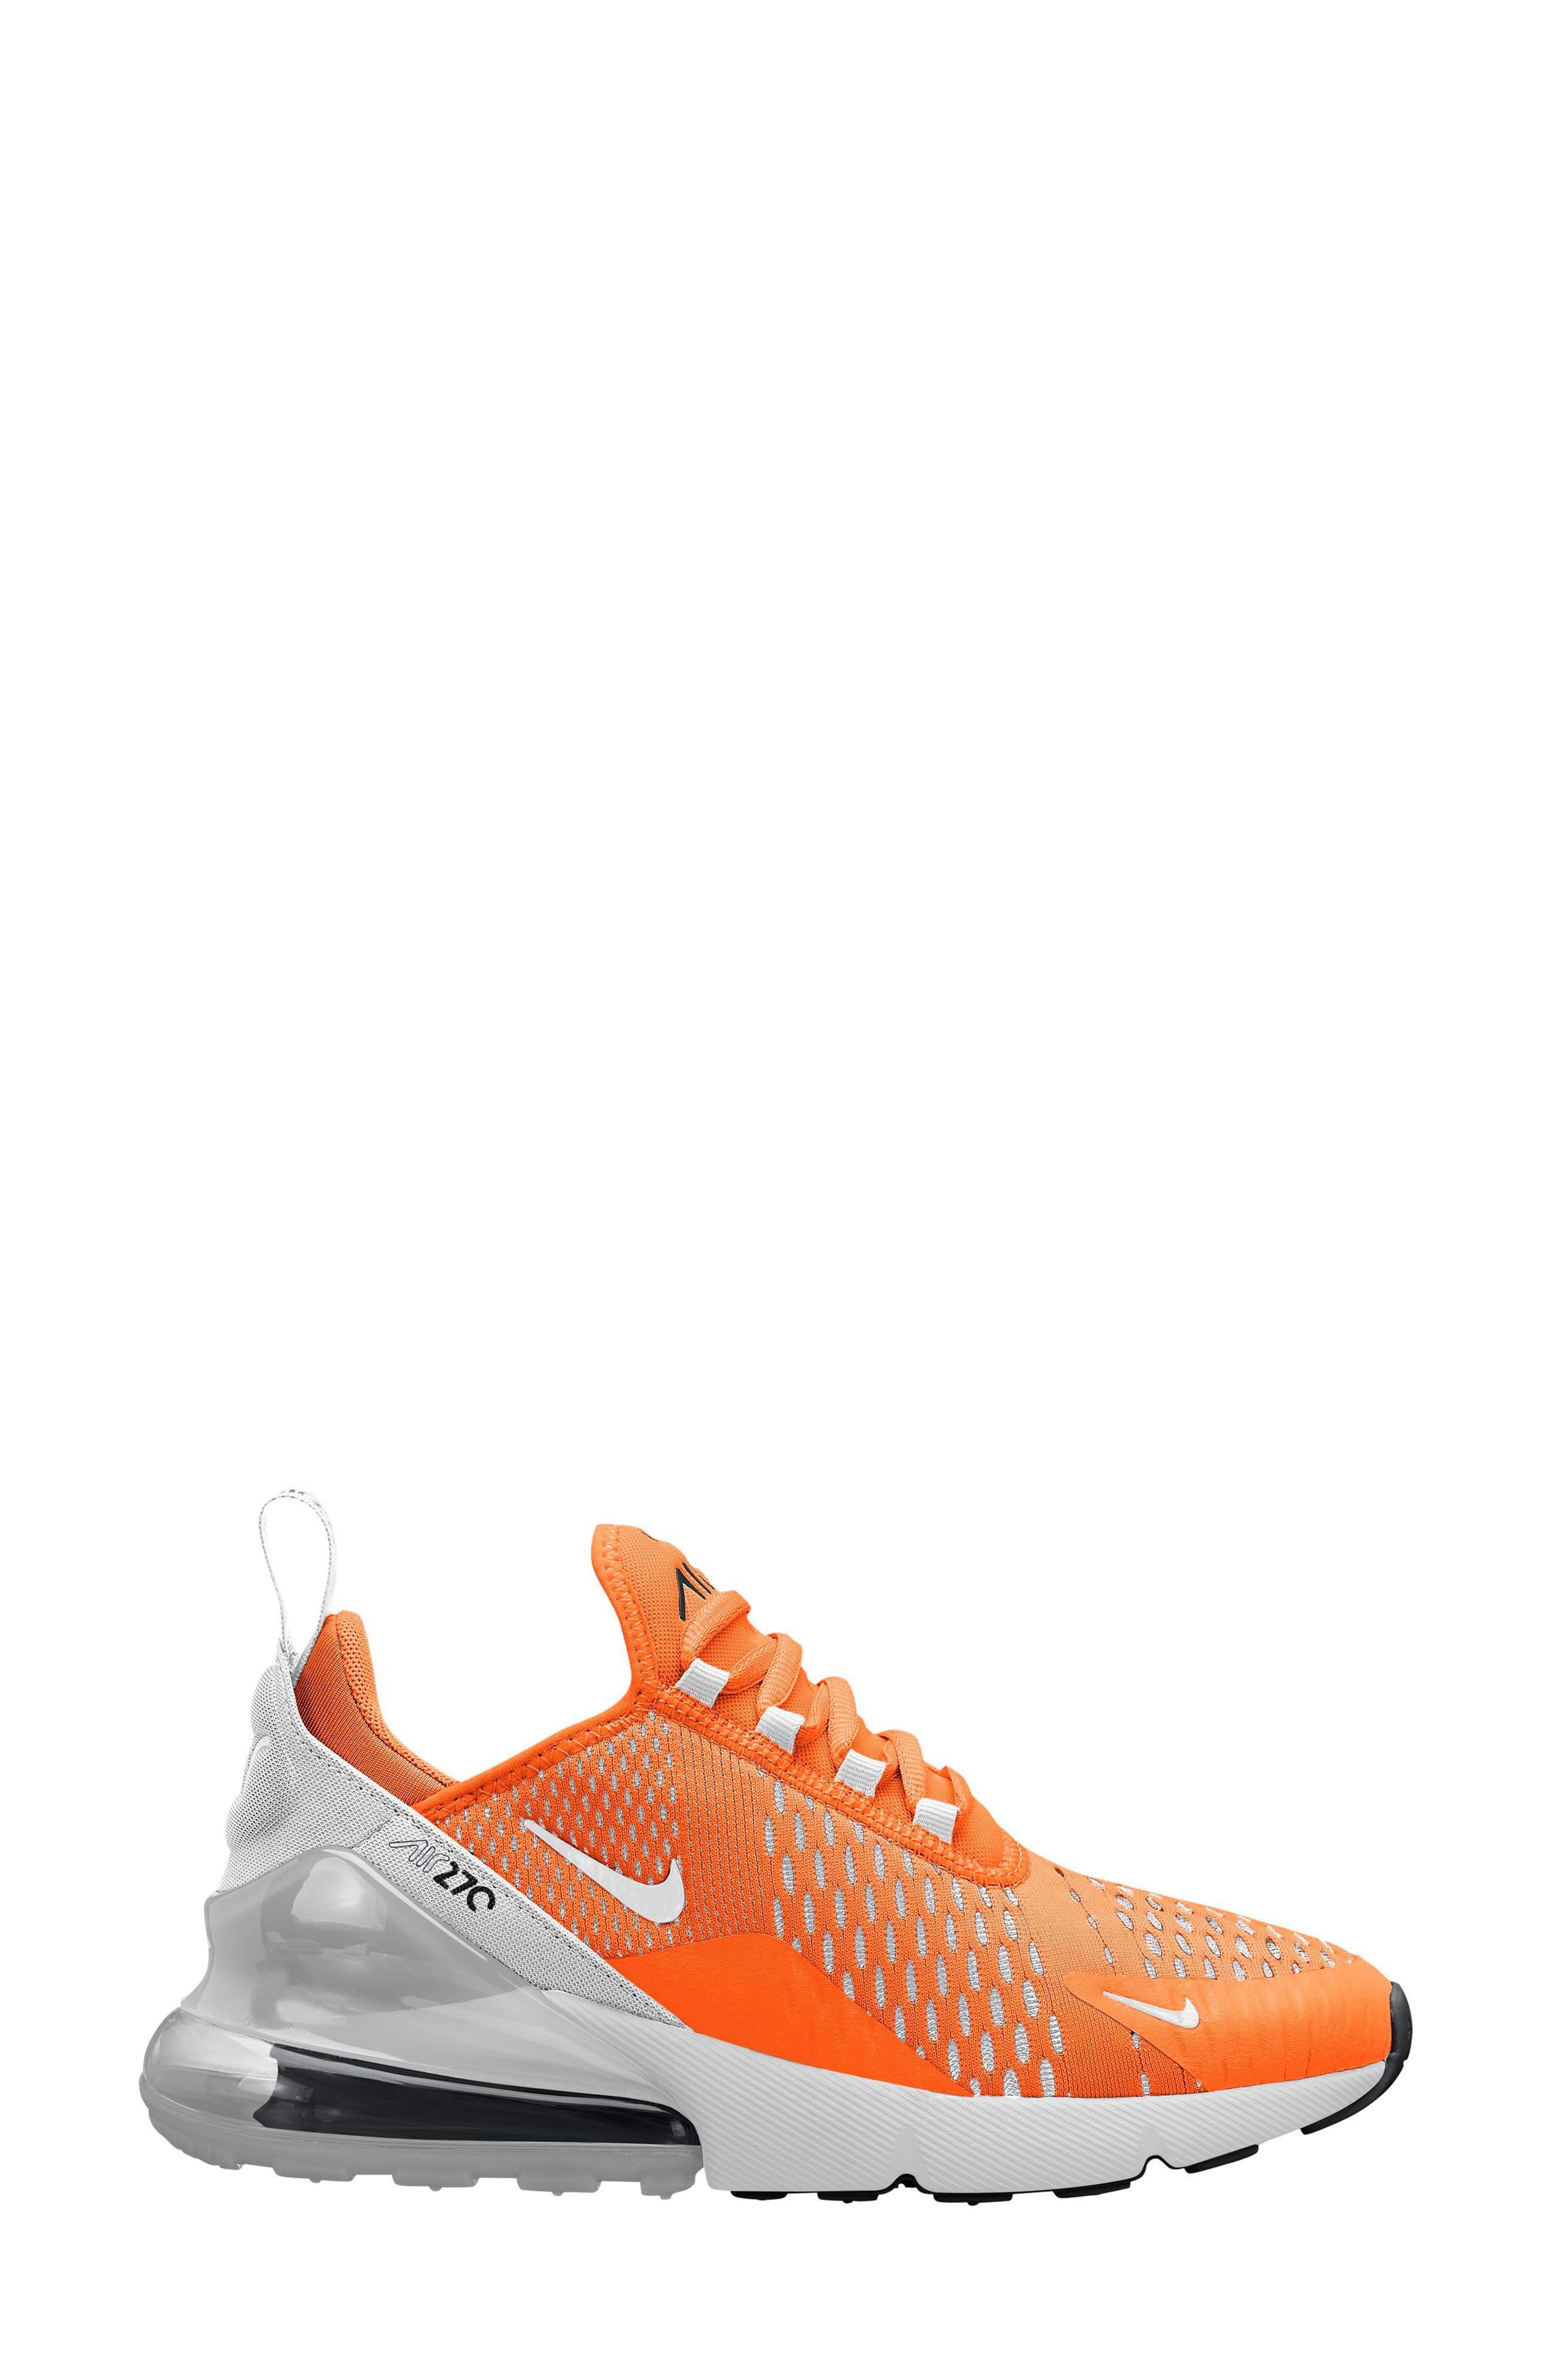 5b7ebd1da ... running 159b6 8dab6  switzerland nike air max 270 sneaker women f40d2  05b86